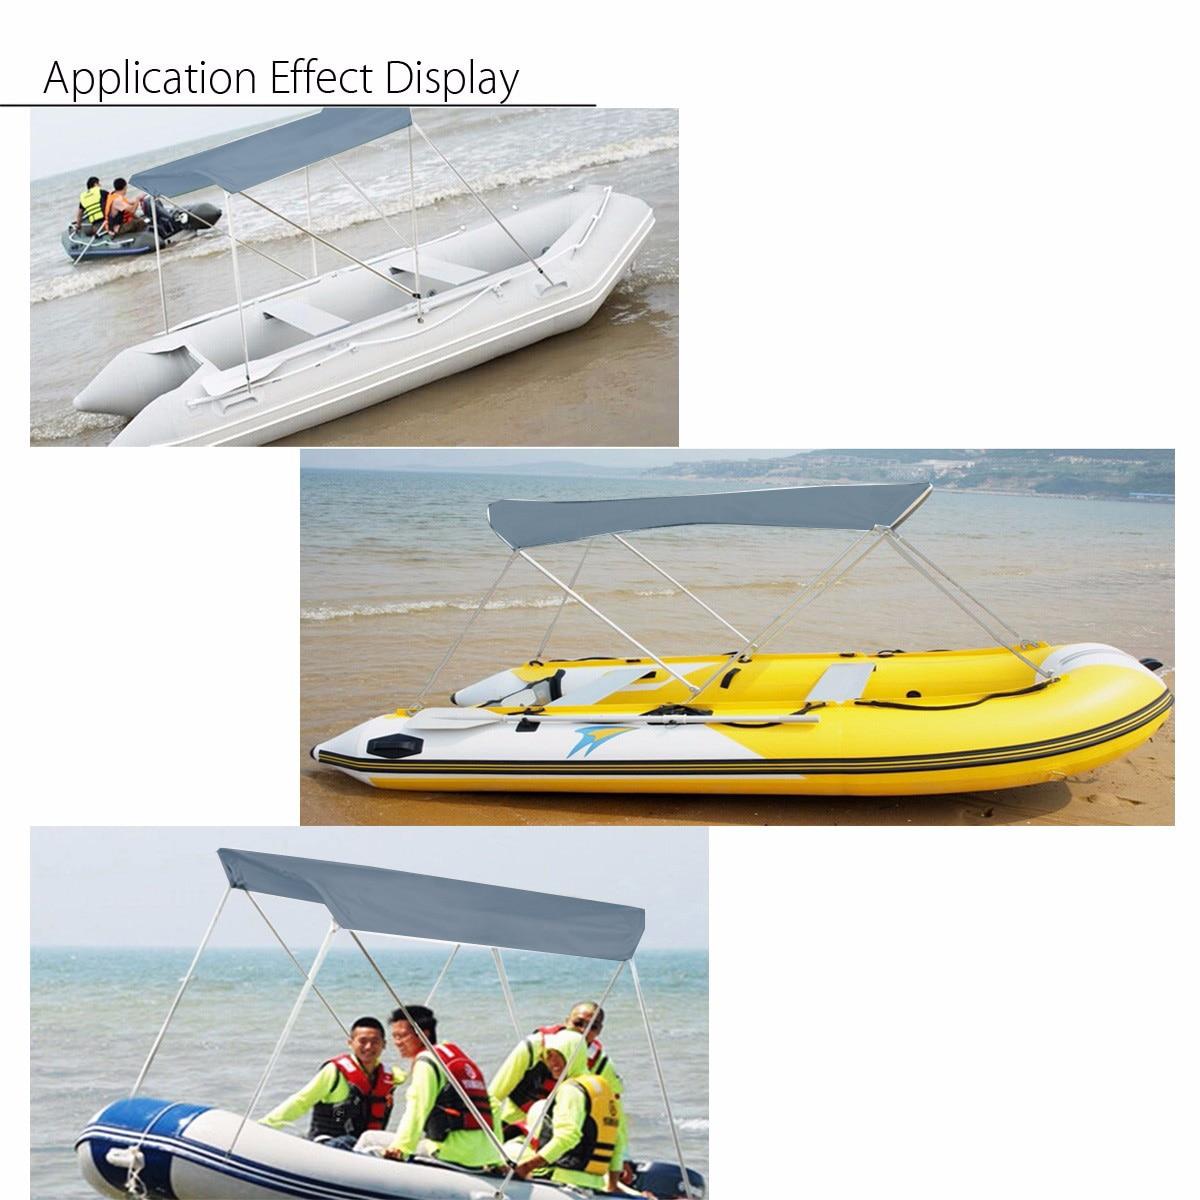 Gonfiabili Barca Ripari per il sole Barca A Vela Tenda Top Barche a remi  Copertura Tenda Da Sole Tenda Pioggia Baldacchino Surf Kayak Canoa Barca  Kit Top in ... 0ad5b80f6d5